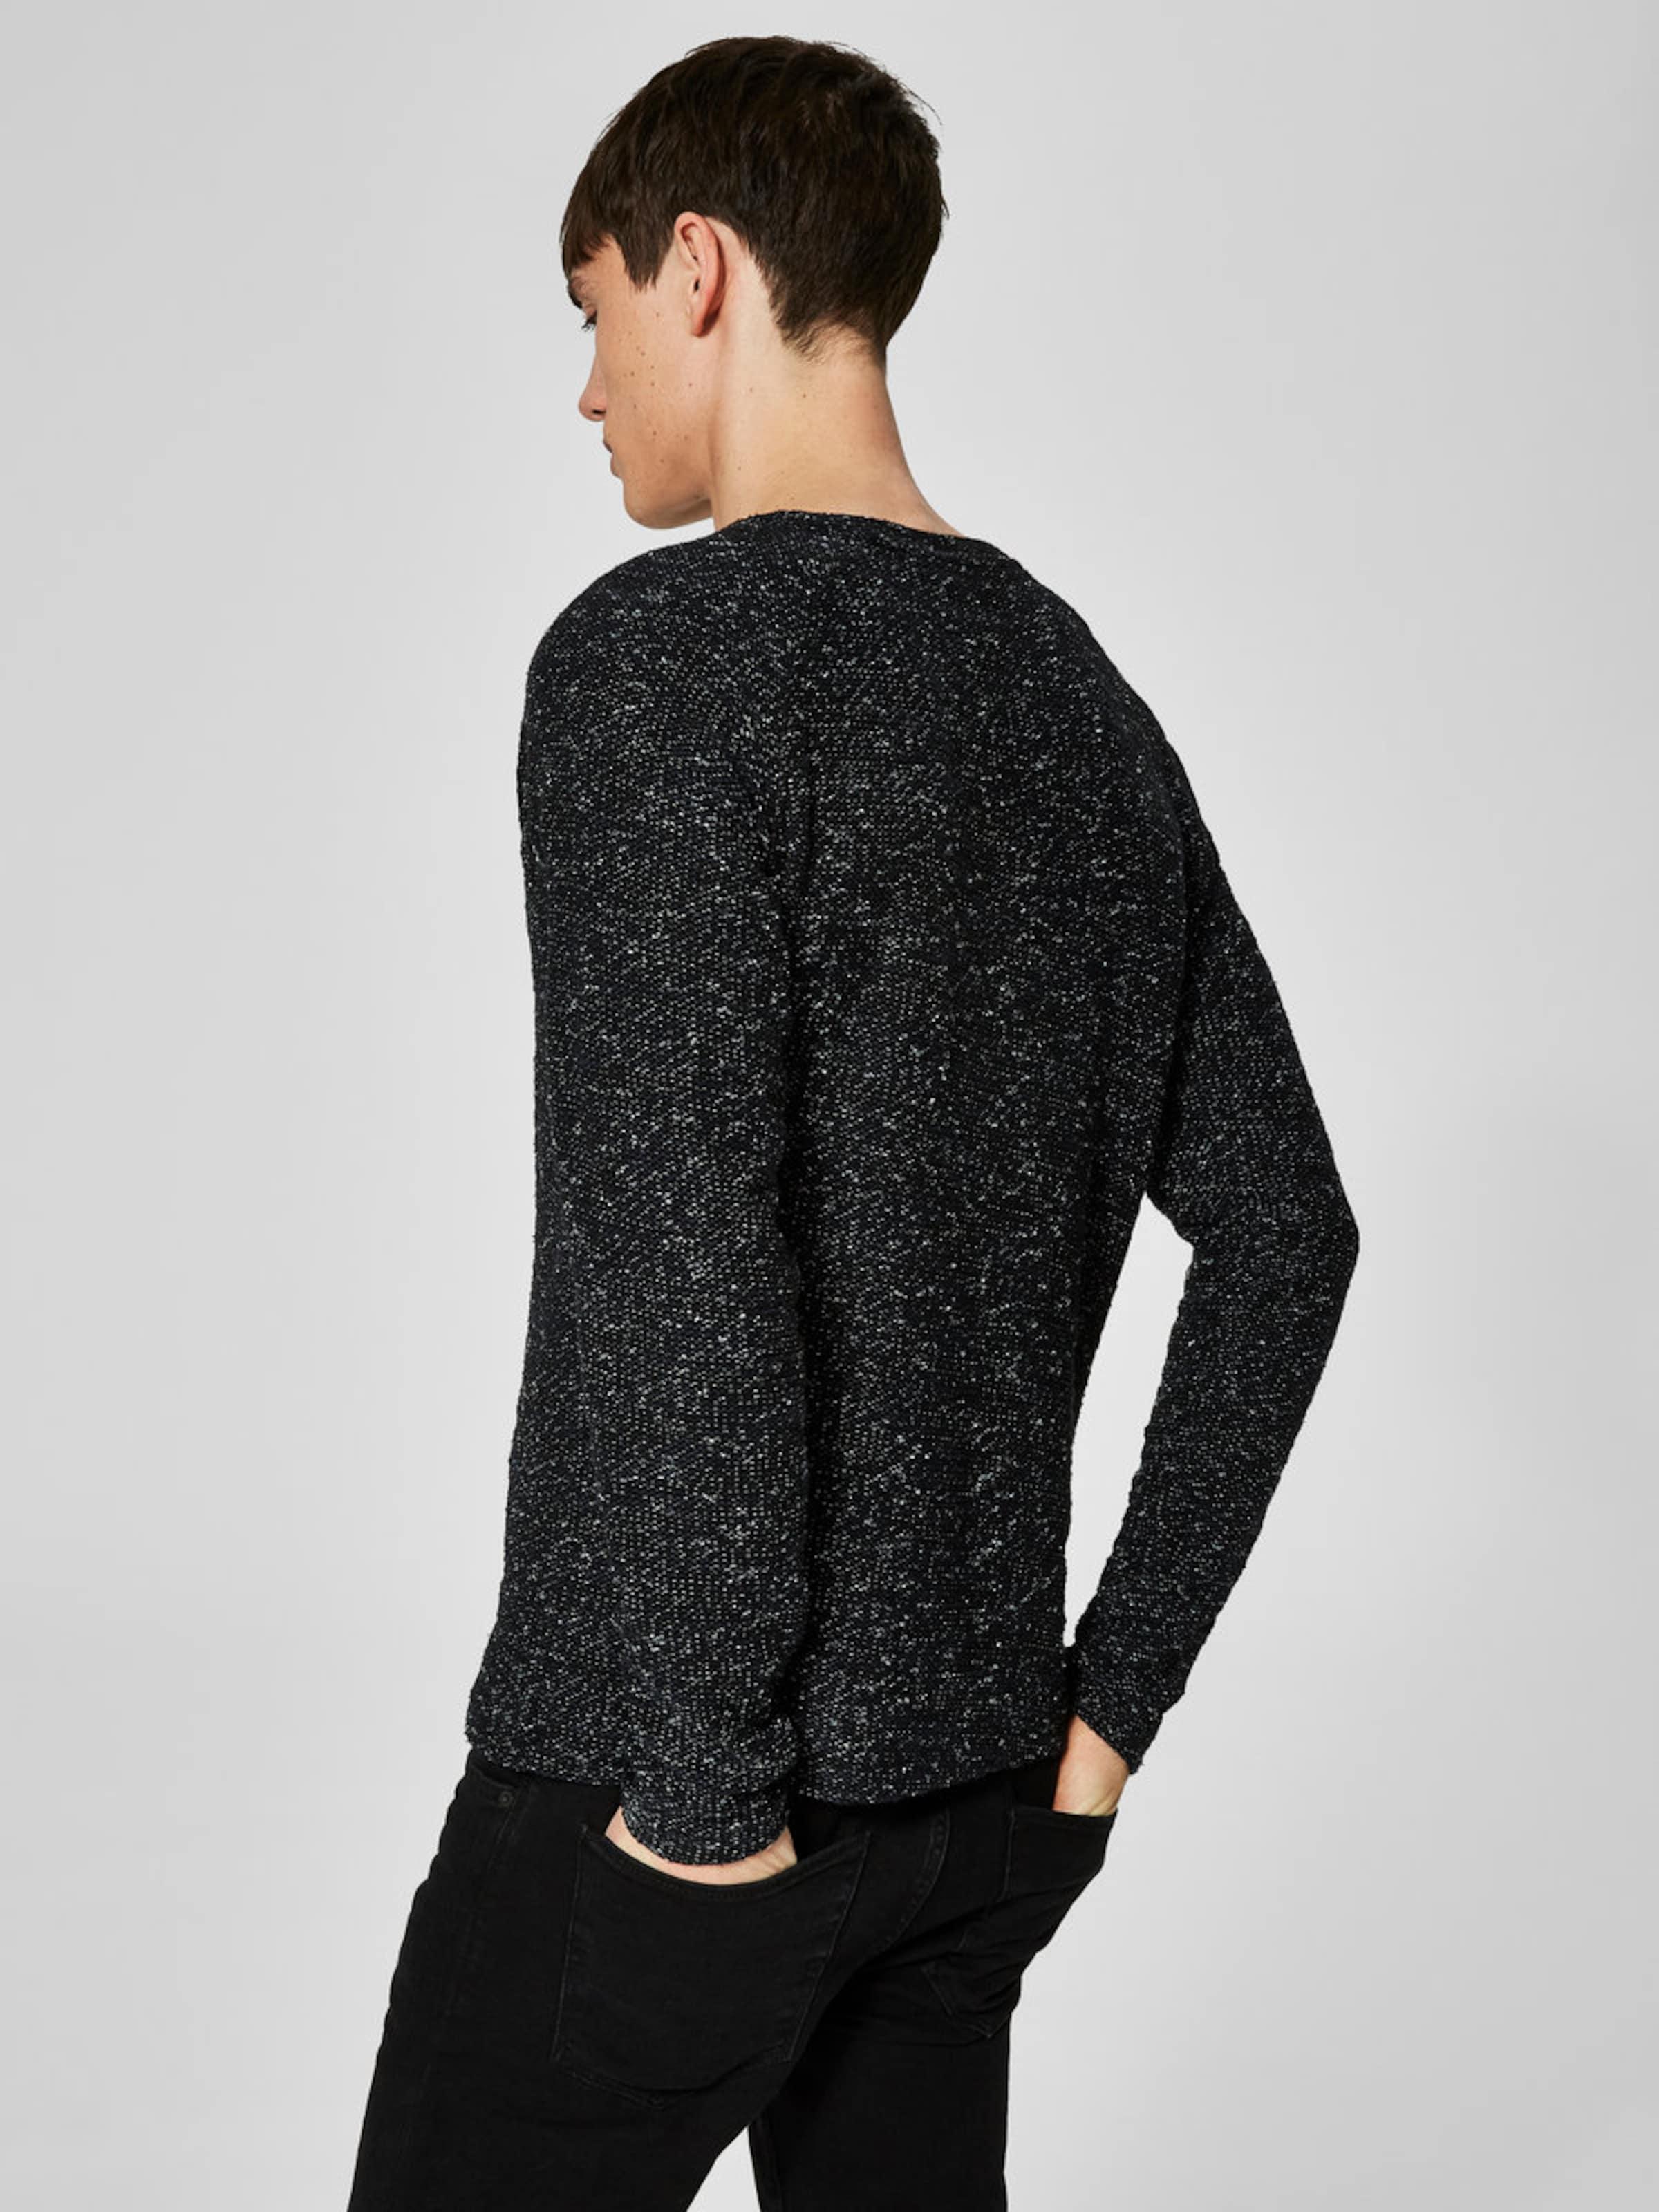 Billig Verkaufen SELECTED HOMME Schlichtes Sweatshirt Günstig Kaufen Suche Verkauf Für Billig Bd9VfF